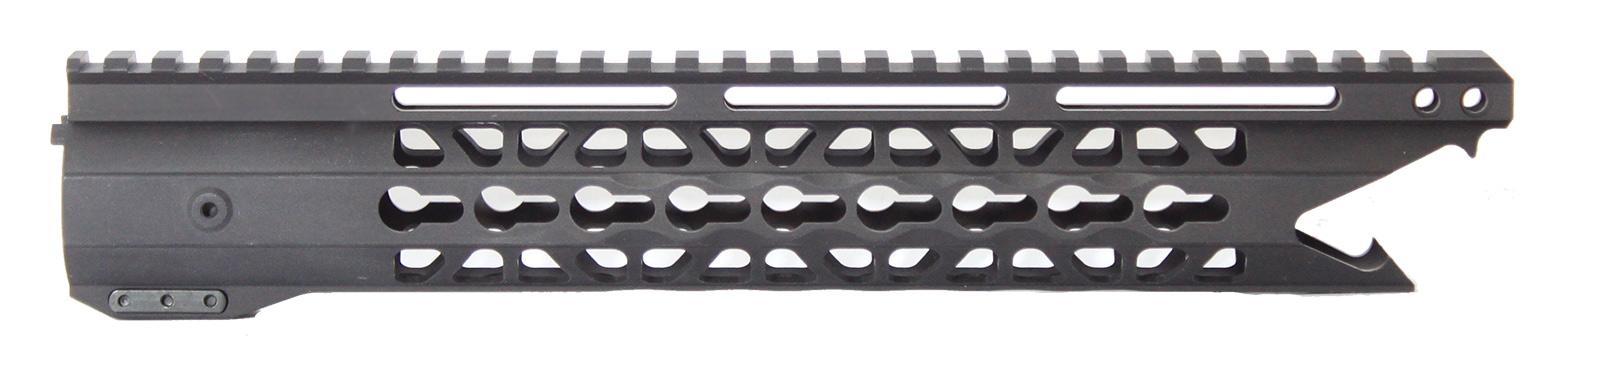 ar15-rail-12-inch-keymod-handguard-front-cut-120012